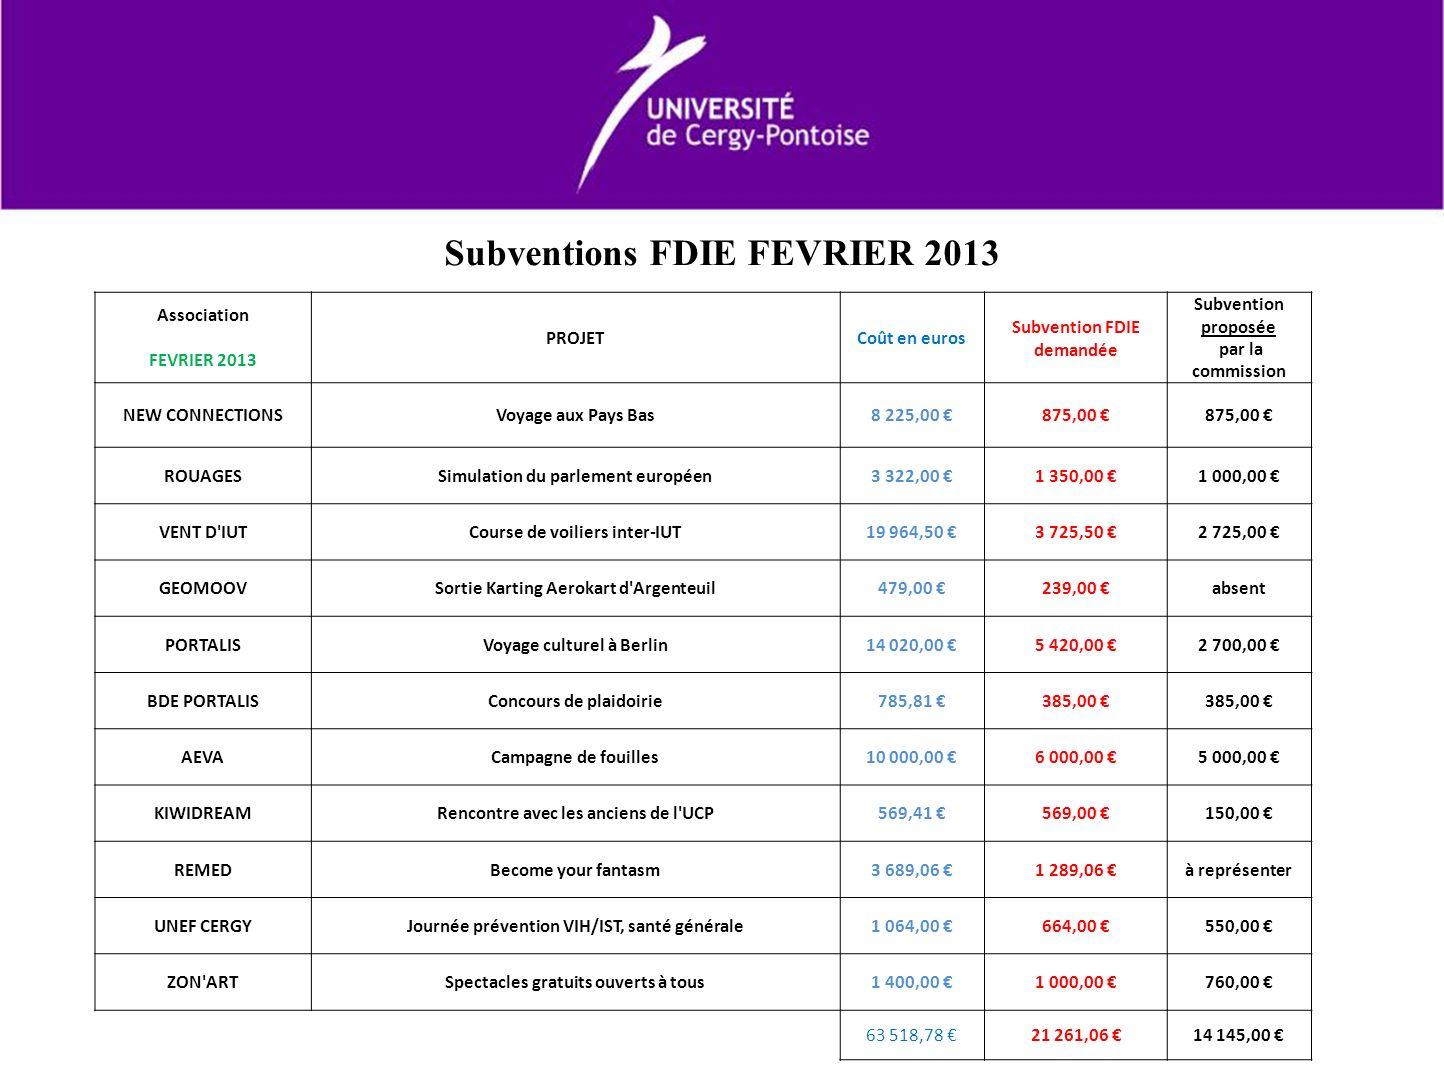 Subventions FDIE FEVRIER 2013 Association FEVRIER 2013 PROJETCoût en euros Subvention FDIE demandée Subvention proposée par la commission NEW CONNECTI